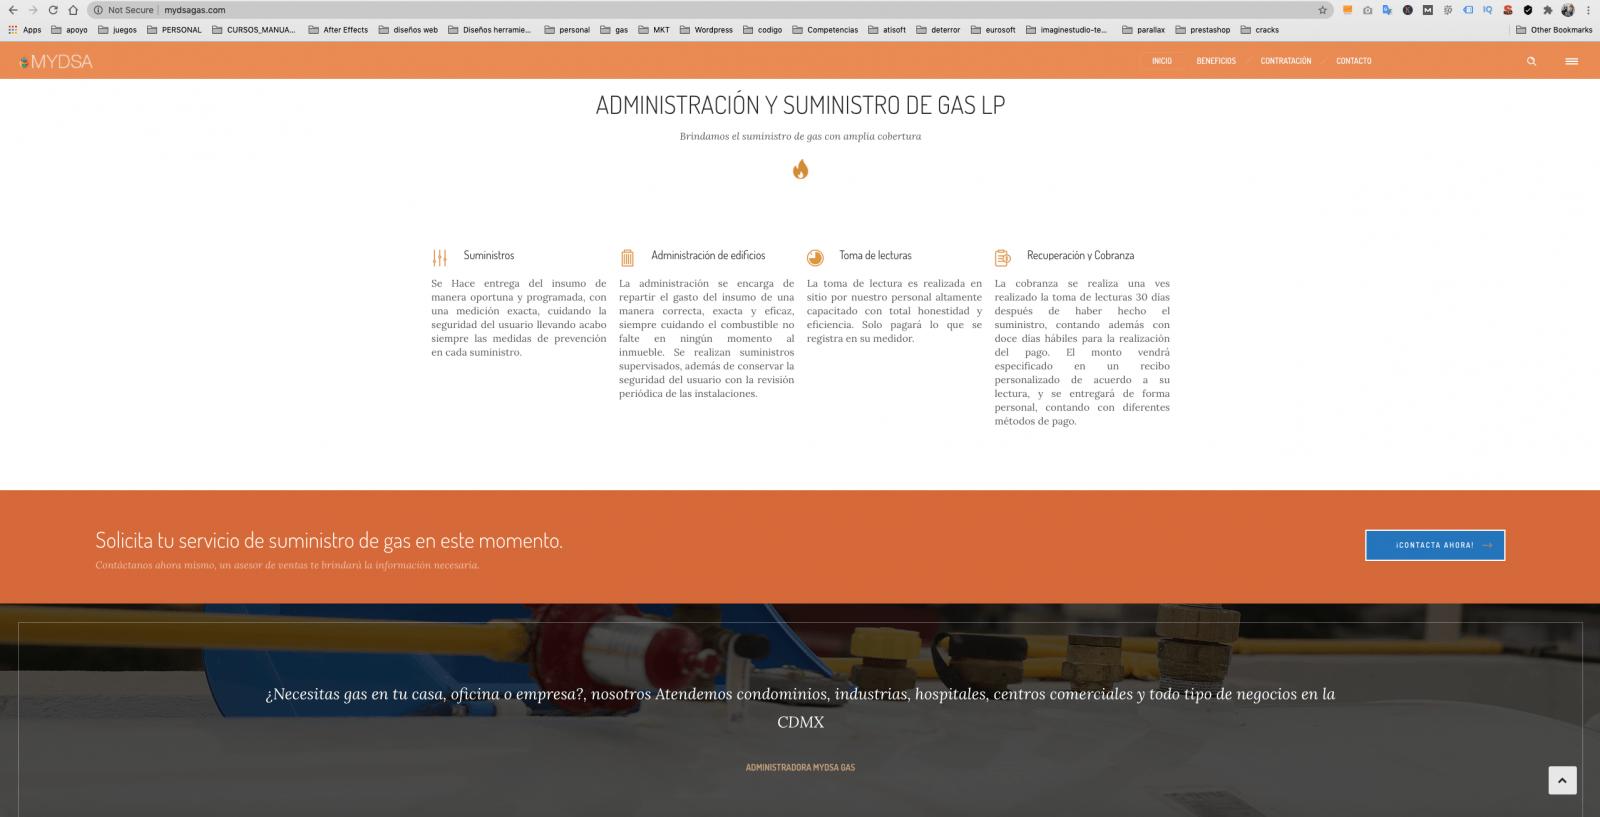 diseño de pagina web mydsagas